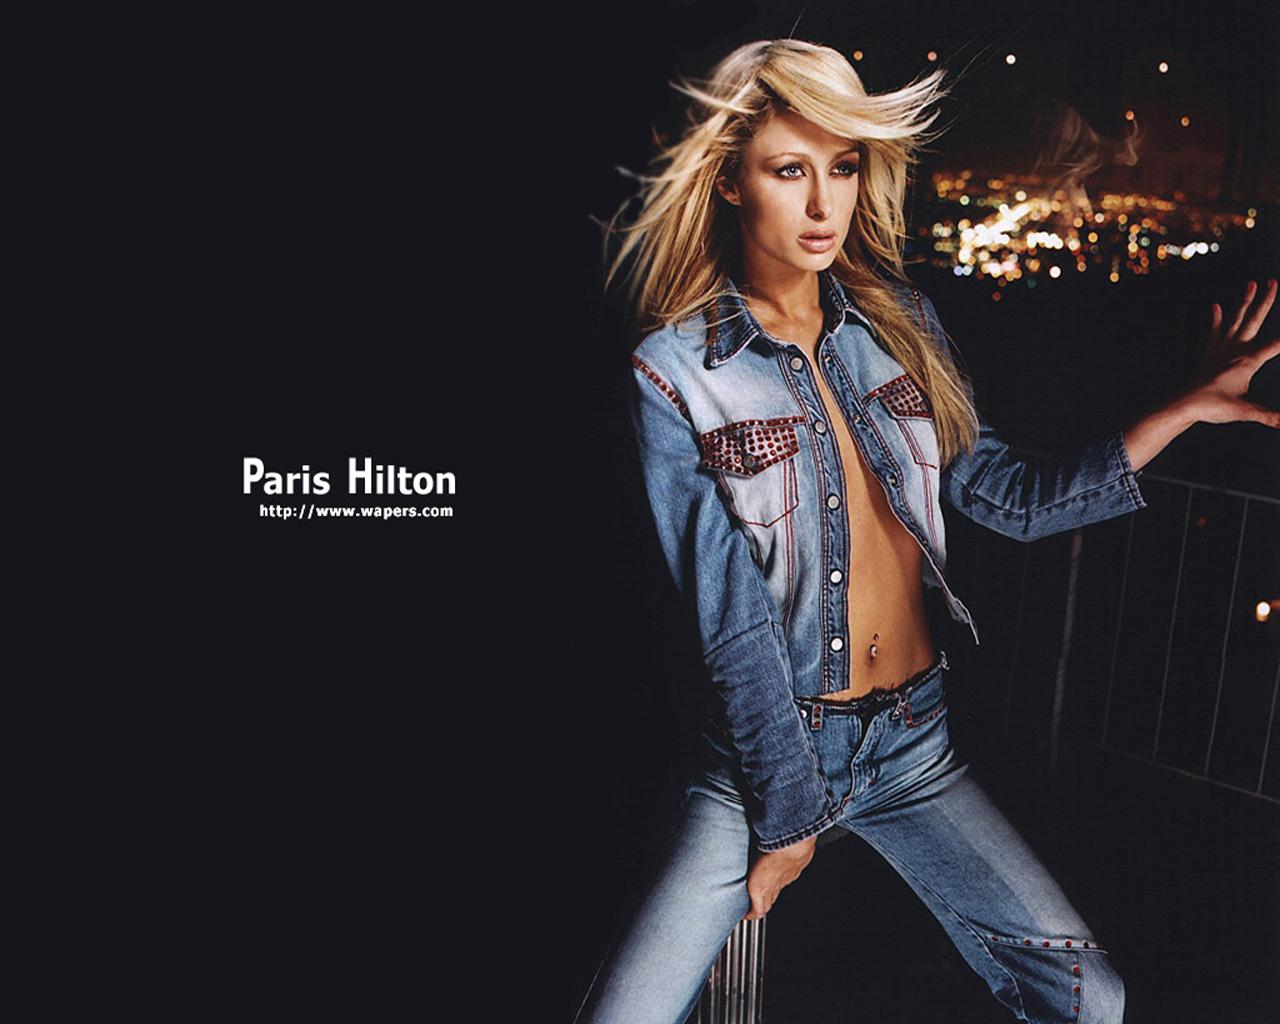 Wallpaper geans Paris Hilton